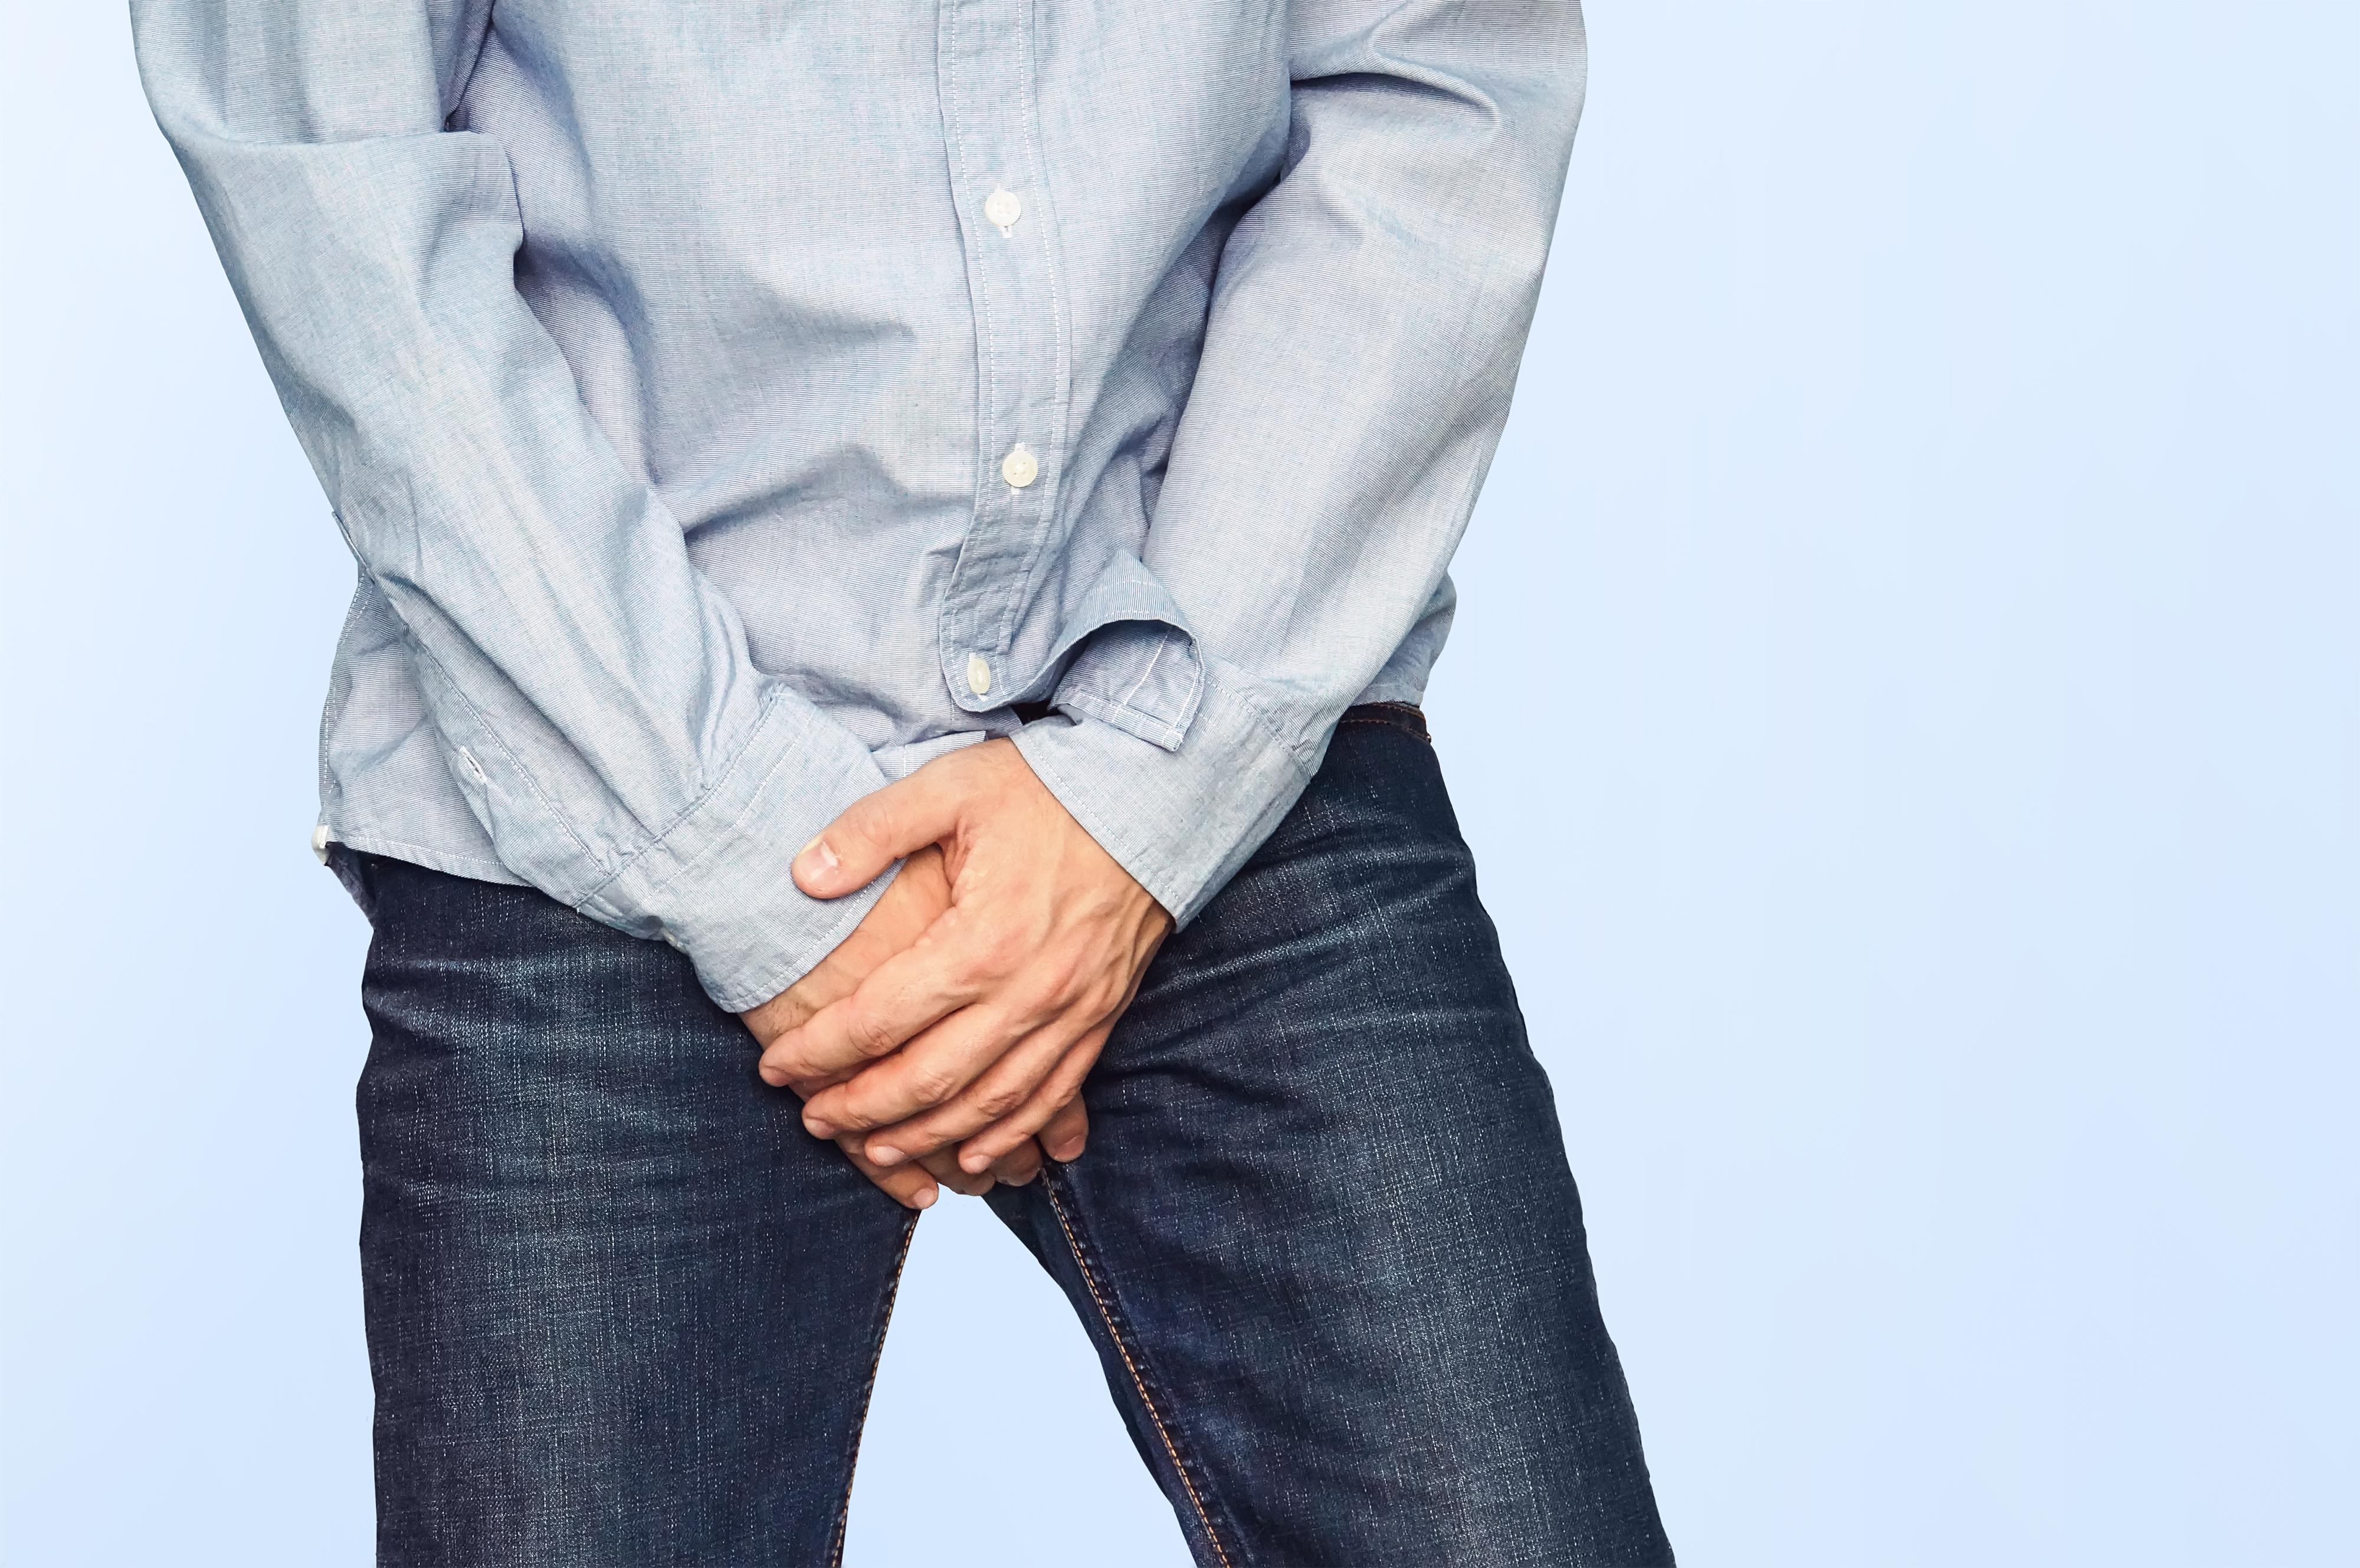 miért nő rosszul a pénisz